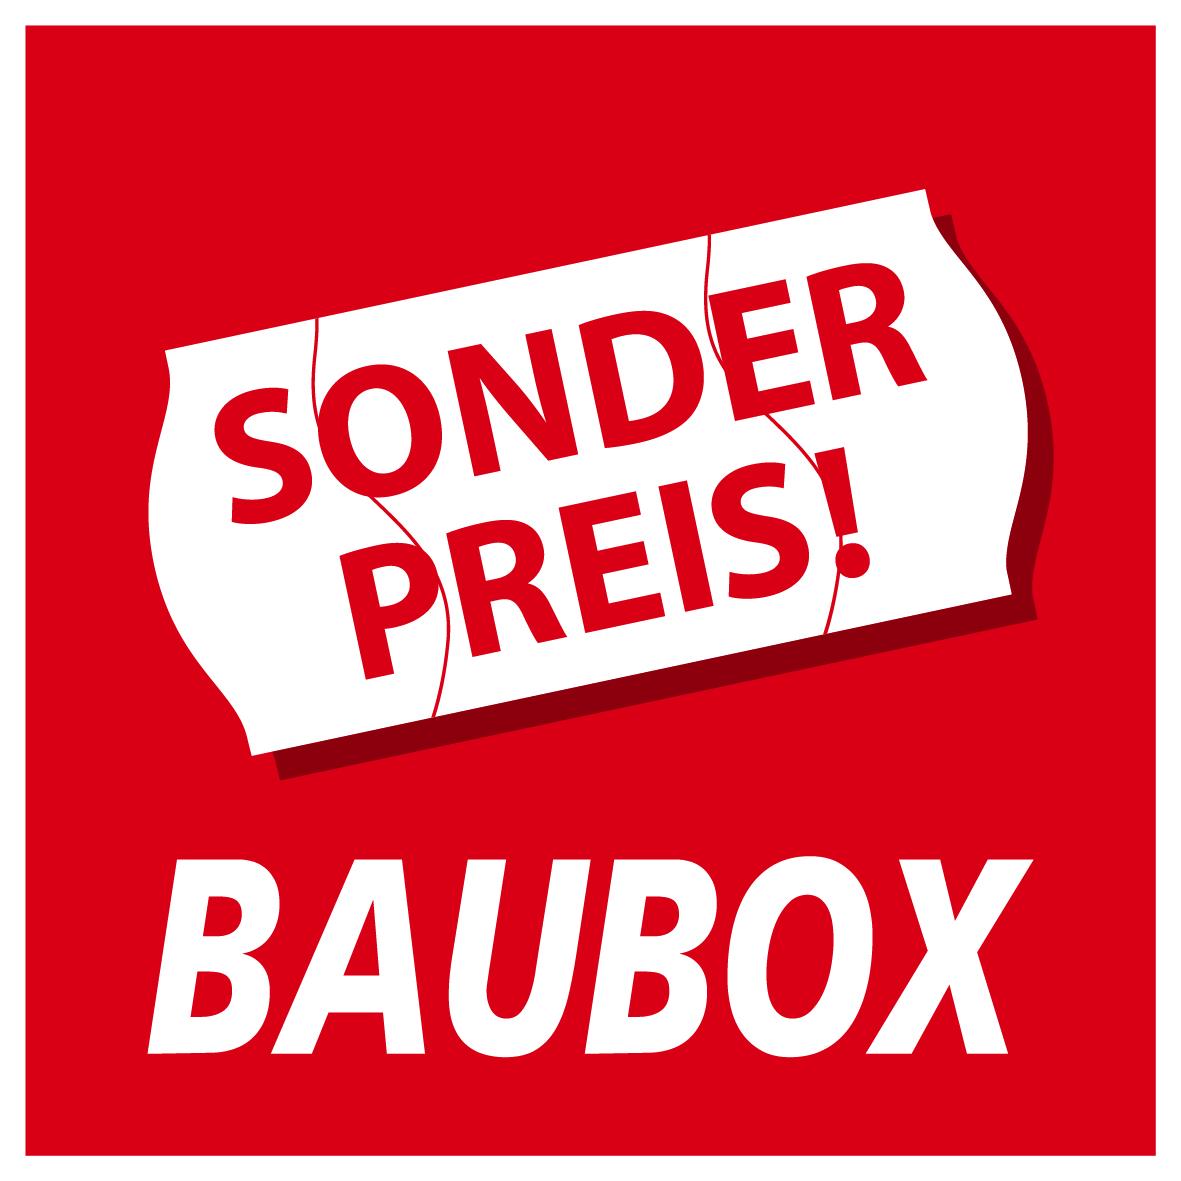 baubox baustoffe alllgemein hagen deutschland tel. Black Bedroom Furniture Sets. Home Design Ideas